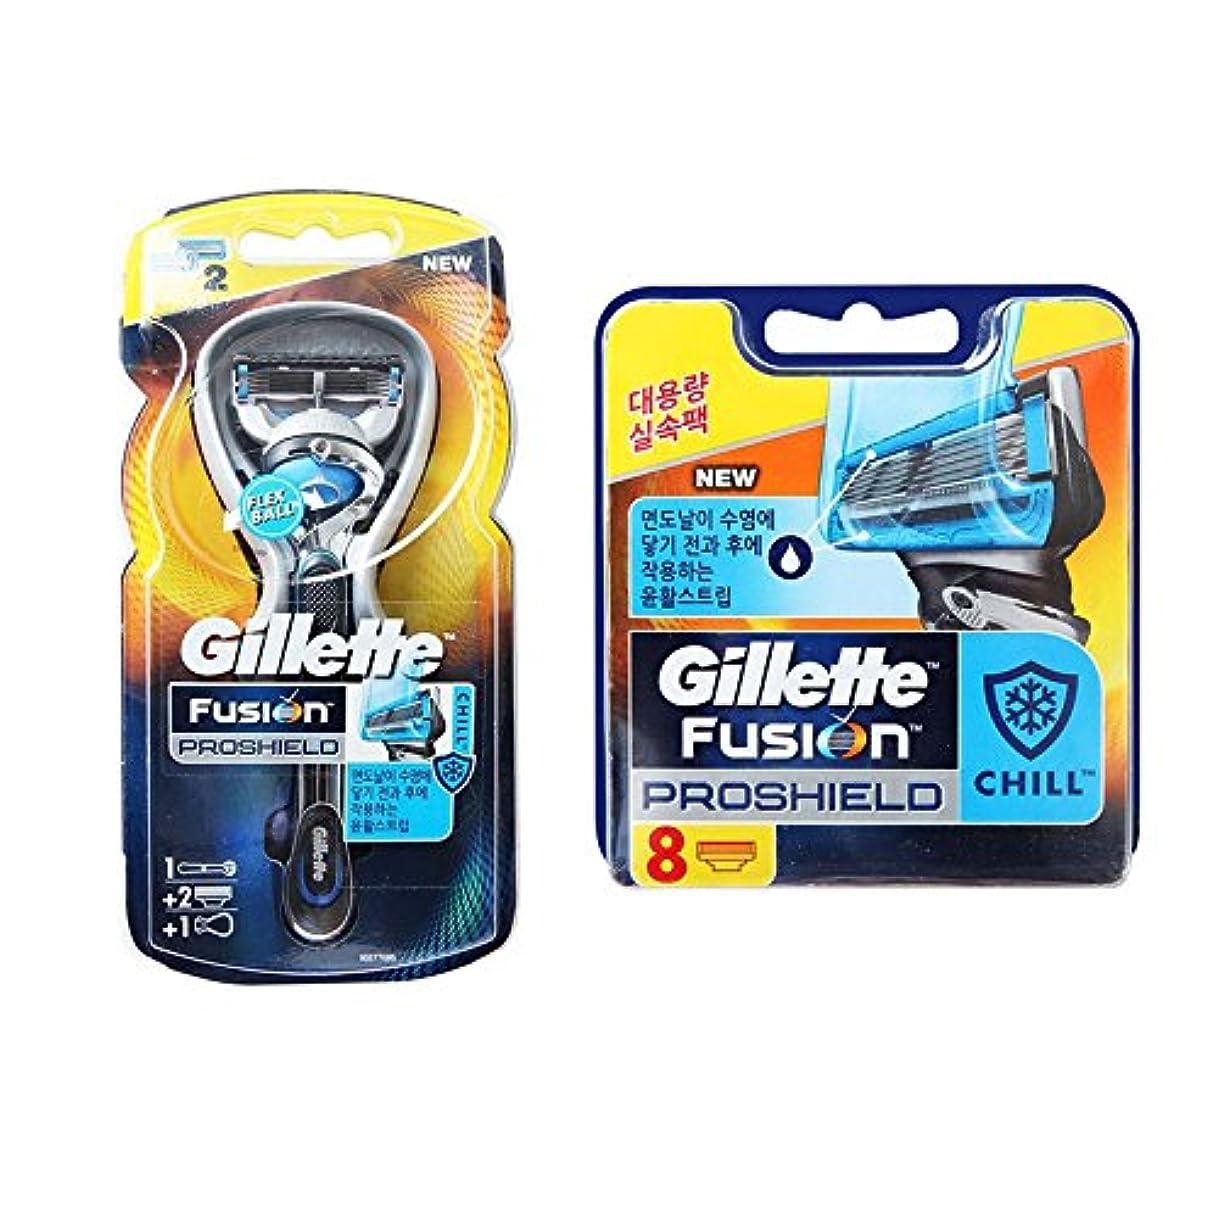 嫌い立ち向かう次へGillette Fusion Proshield Chill Blue 1本の剃刀と10本の剃刀刃 [並行輸入品]